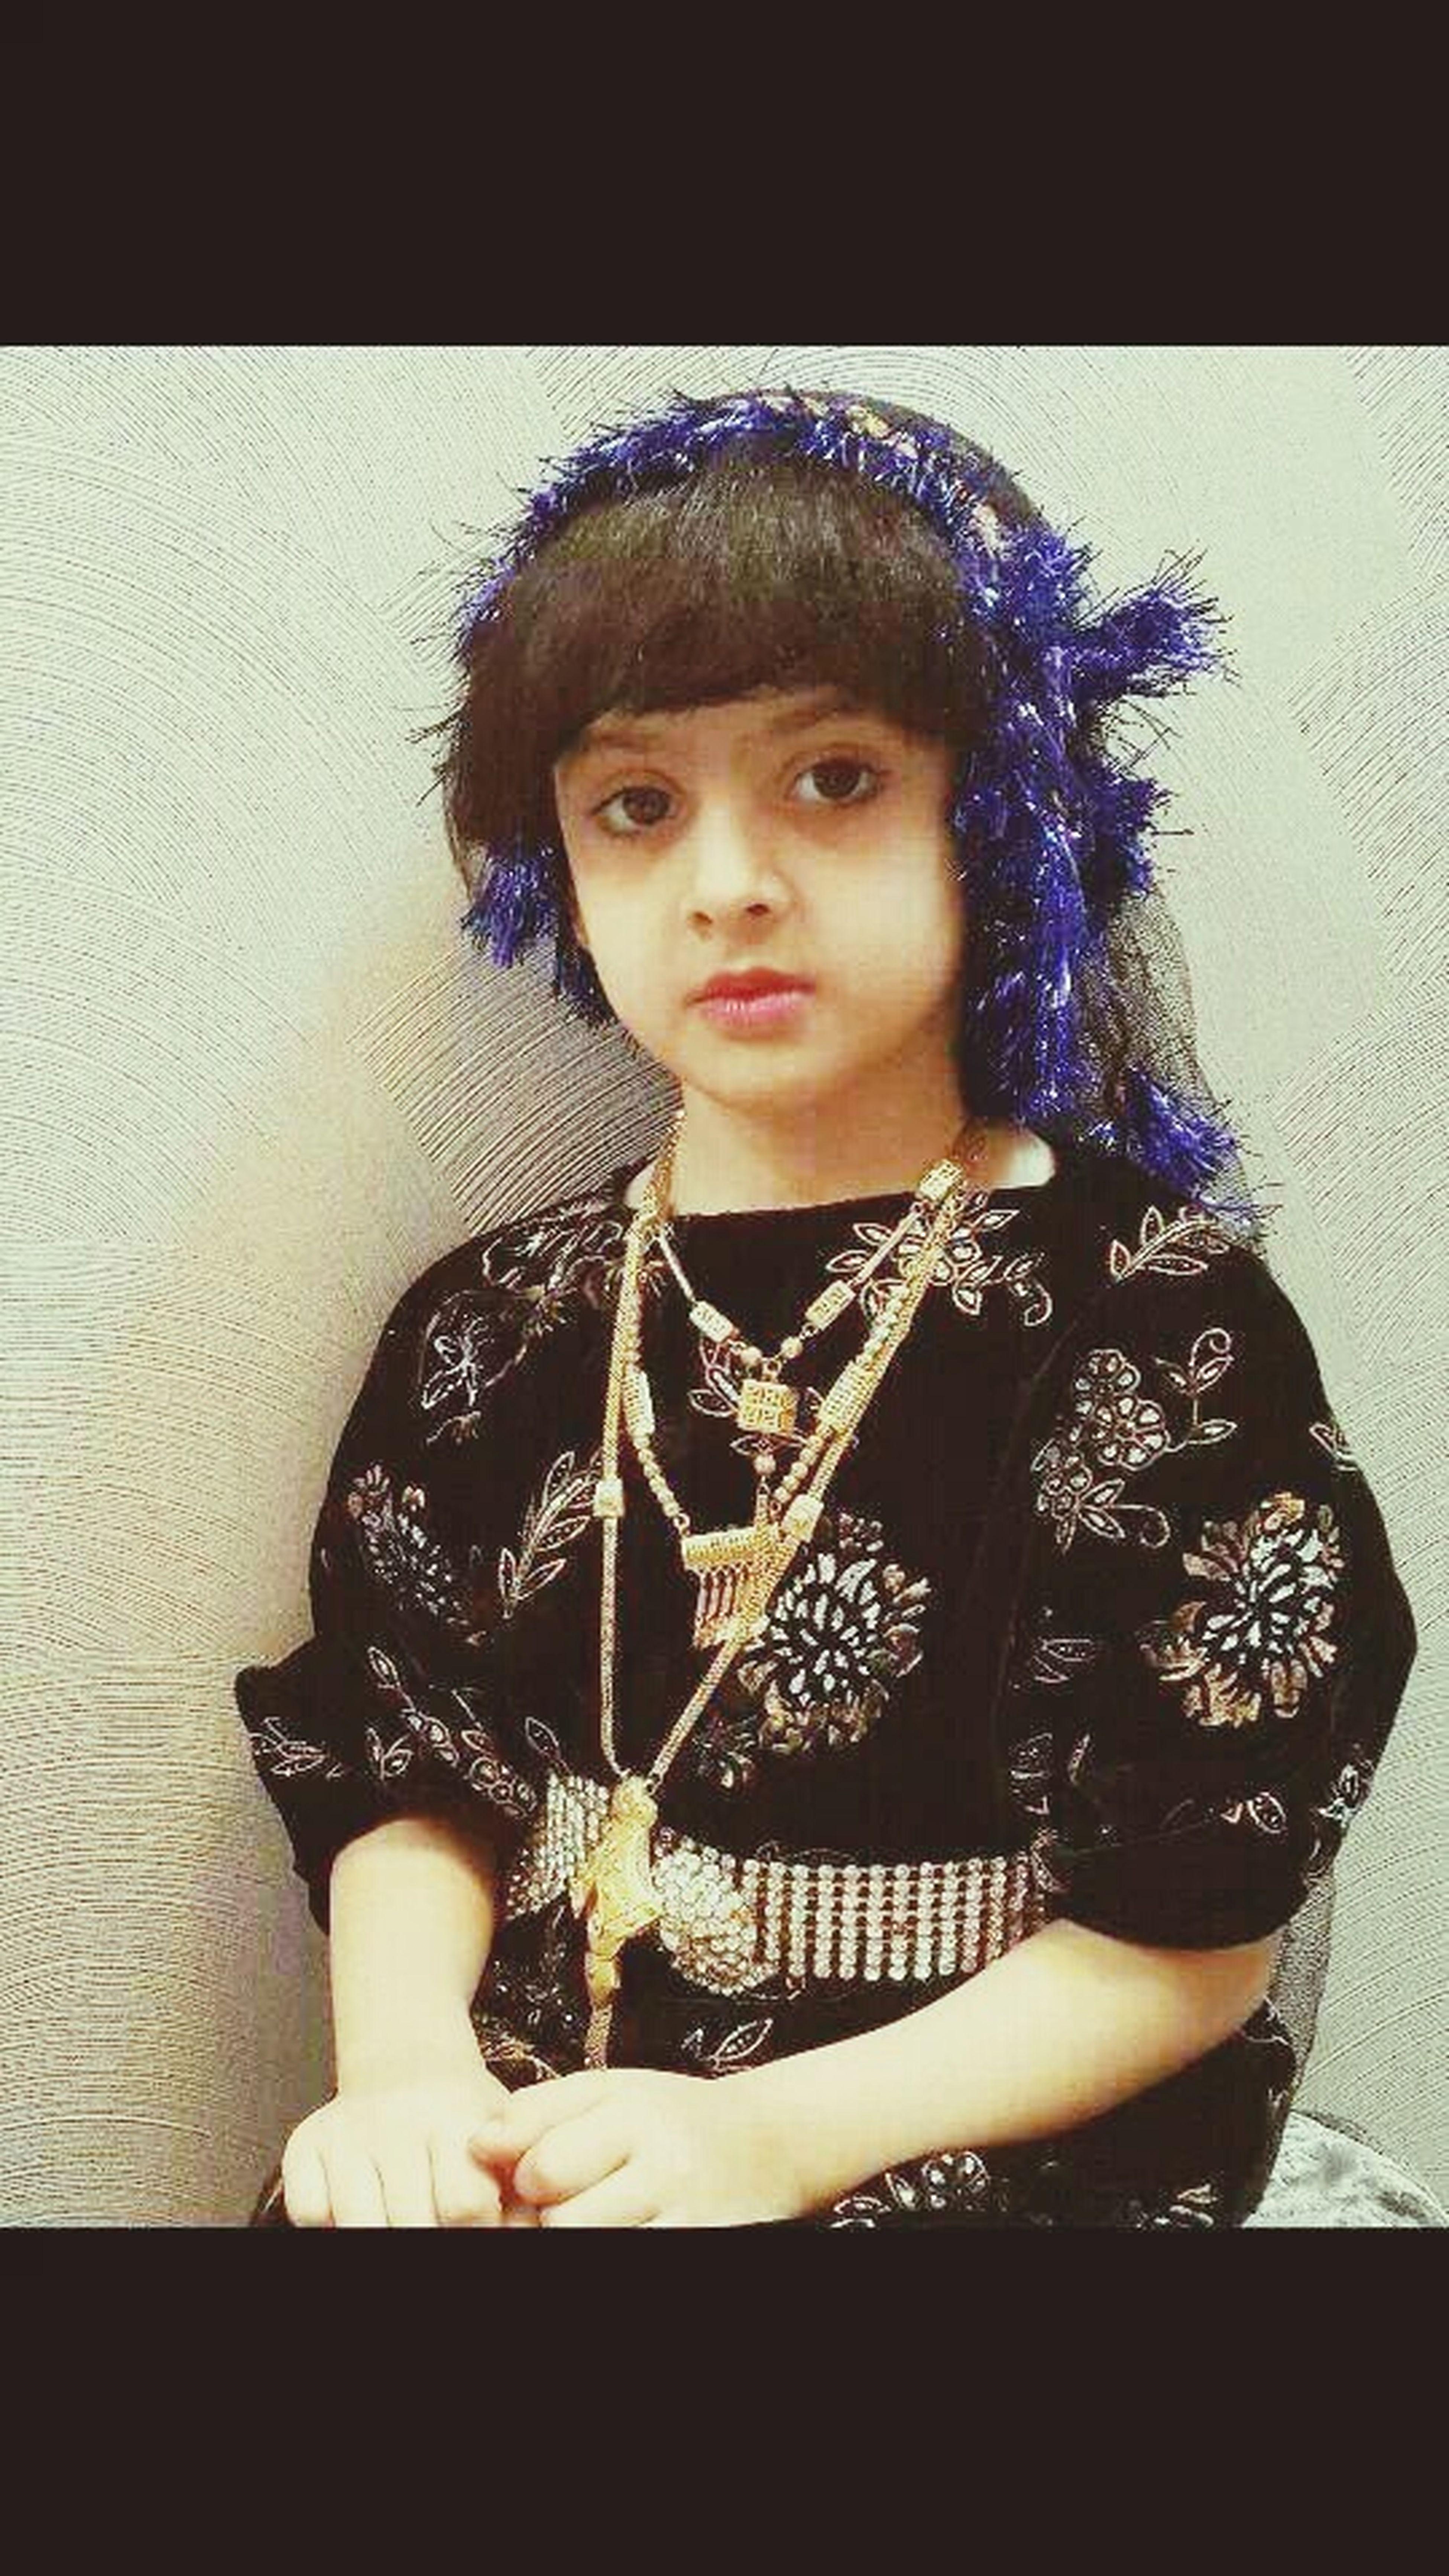 Cute Little Girl From Yemen :)